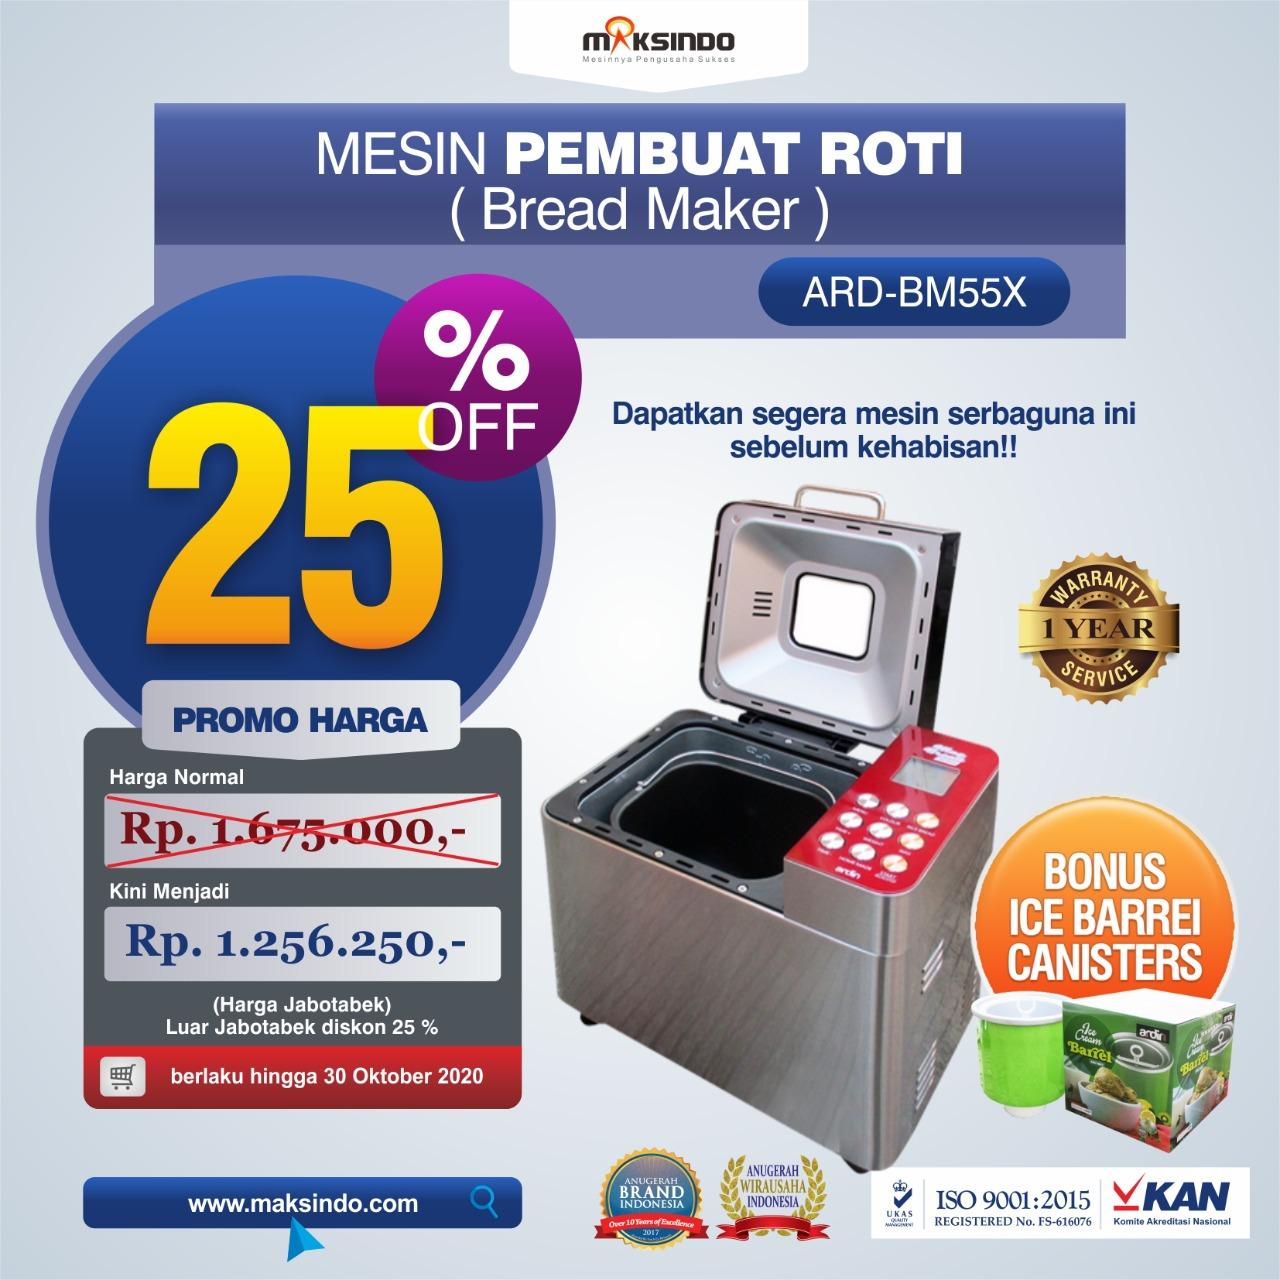 Jual Mixer dan Pembuat Roti (Bread Maker) ARD-BM55X di Jakarta